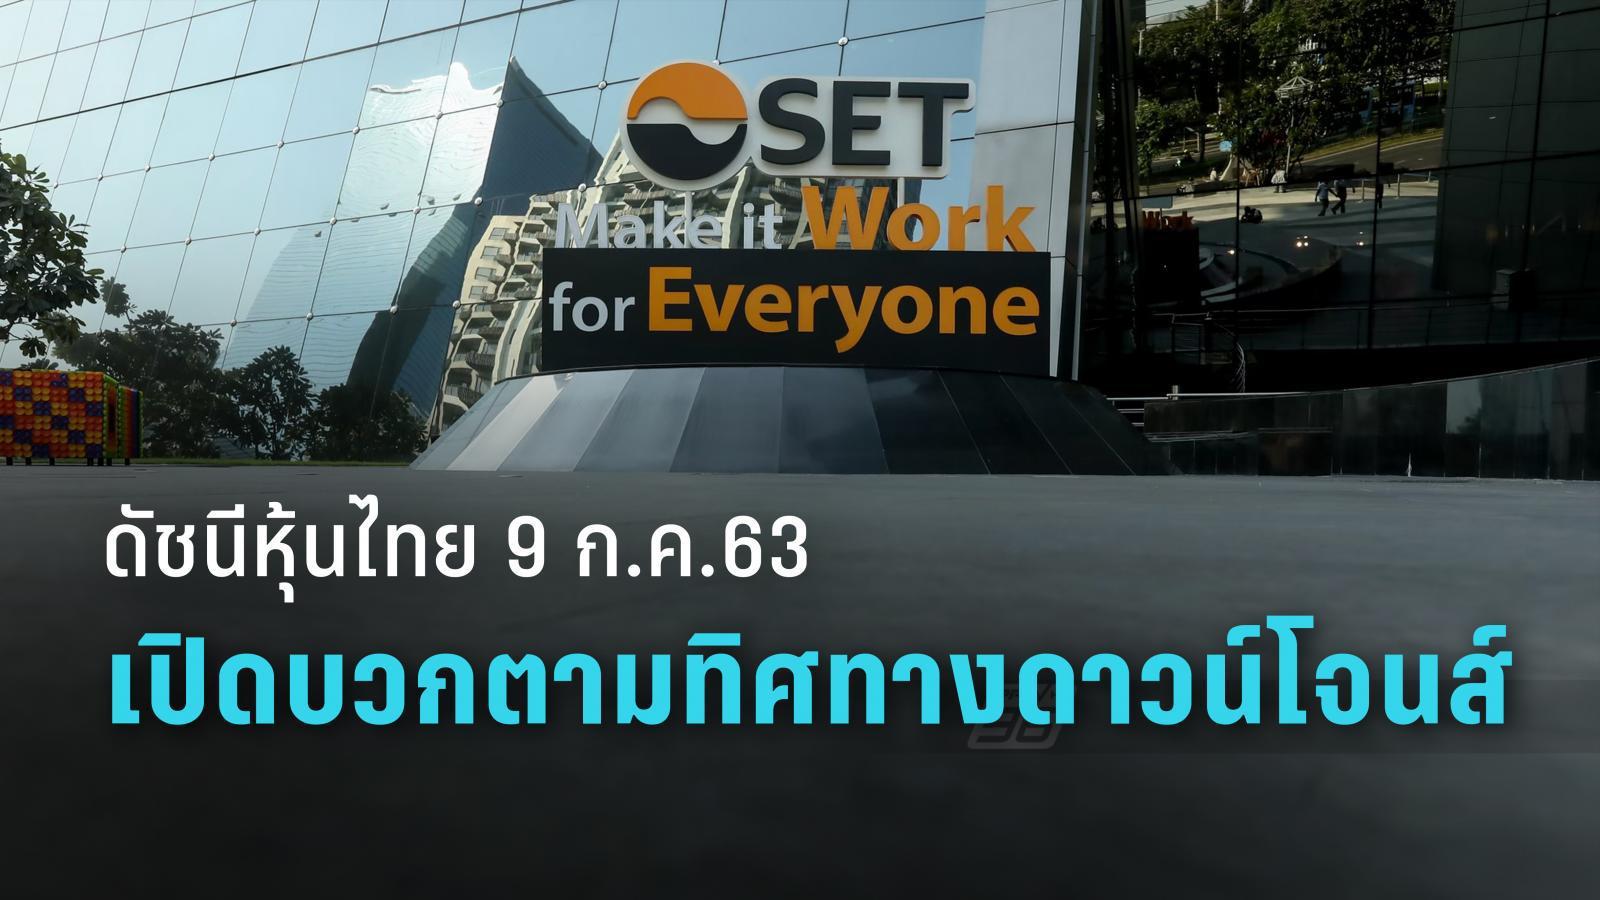 ดัชนีหุ้นไทย 9 ก.ค.63 เปิดการซื้อขาย +5.72 จุด ตามทิศทางต่างประเทศ